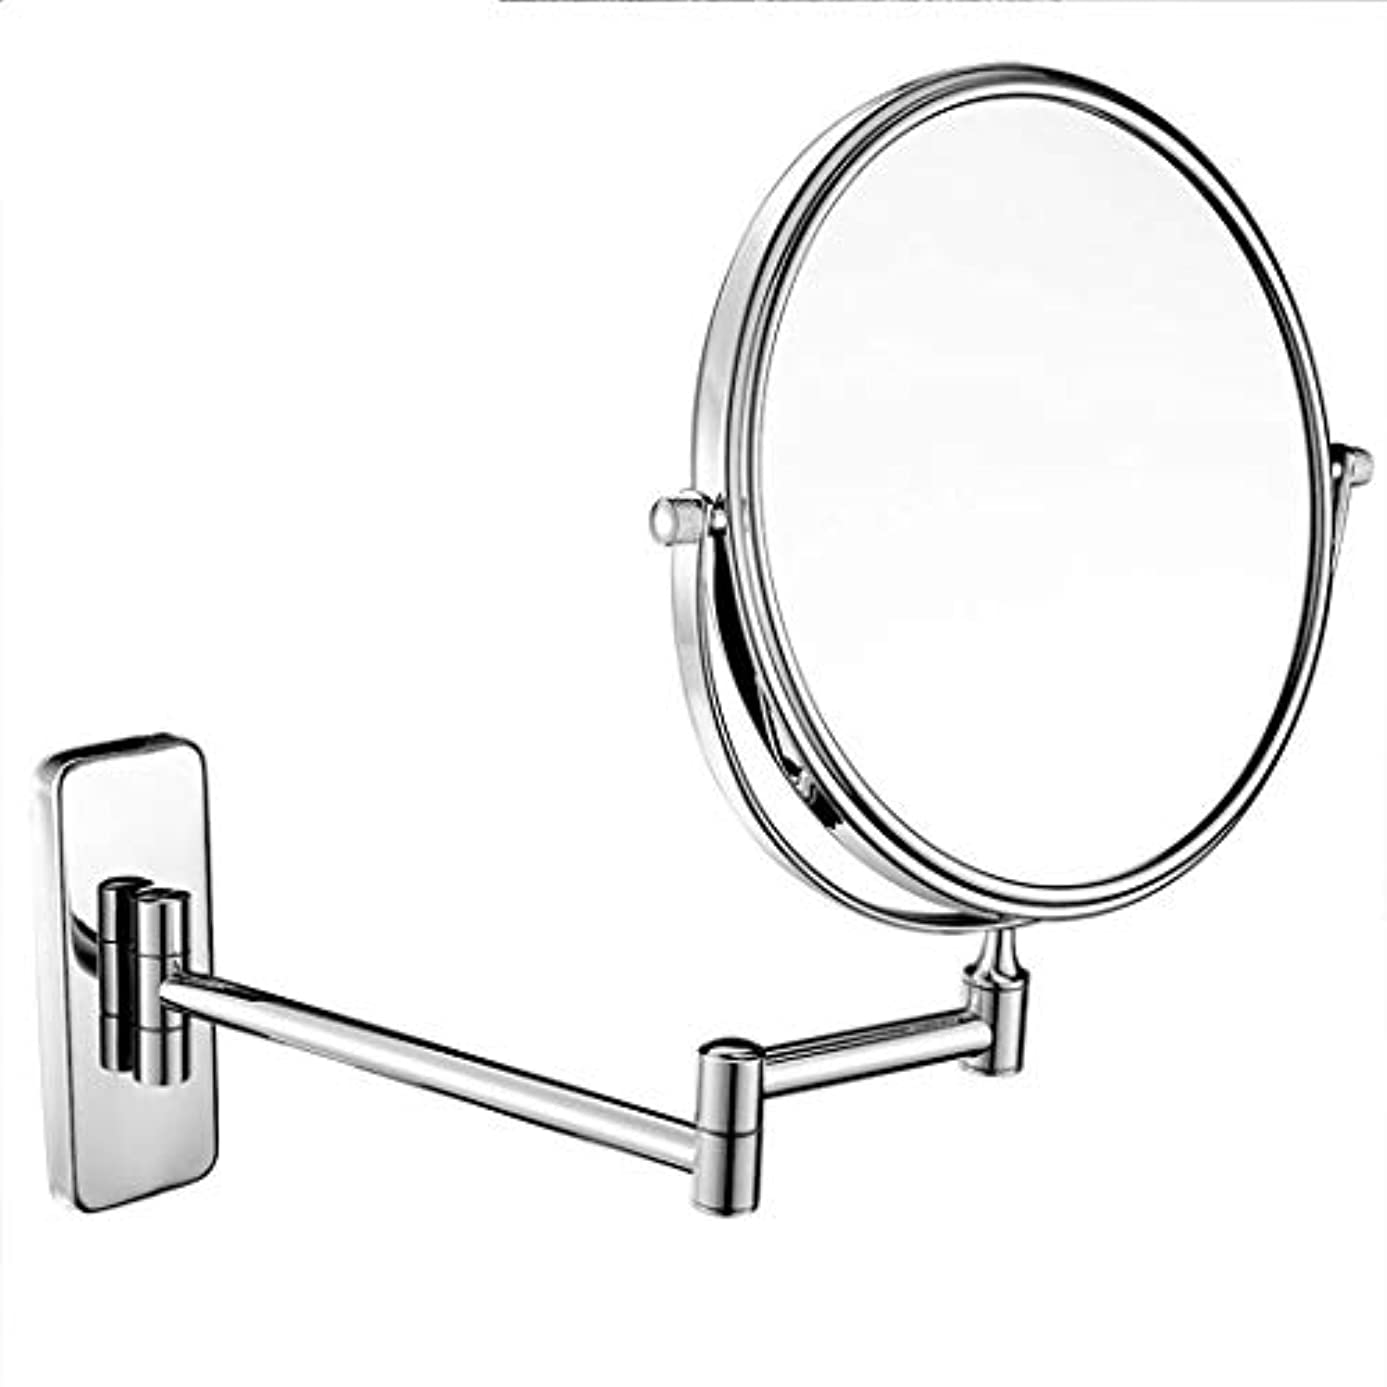 壁に取り付けられた浴室用ミラー両面化粧鏡3倍/ 5倍/ 7倍/ 10倍拡大虚栄心拡大鏡360°回転、バス、スパ、ホテル用に拡張可能 (色 : クロム, サイズ さいず : 7x-6 inch)